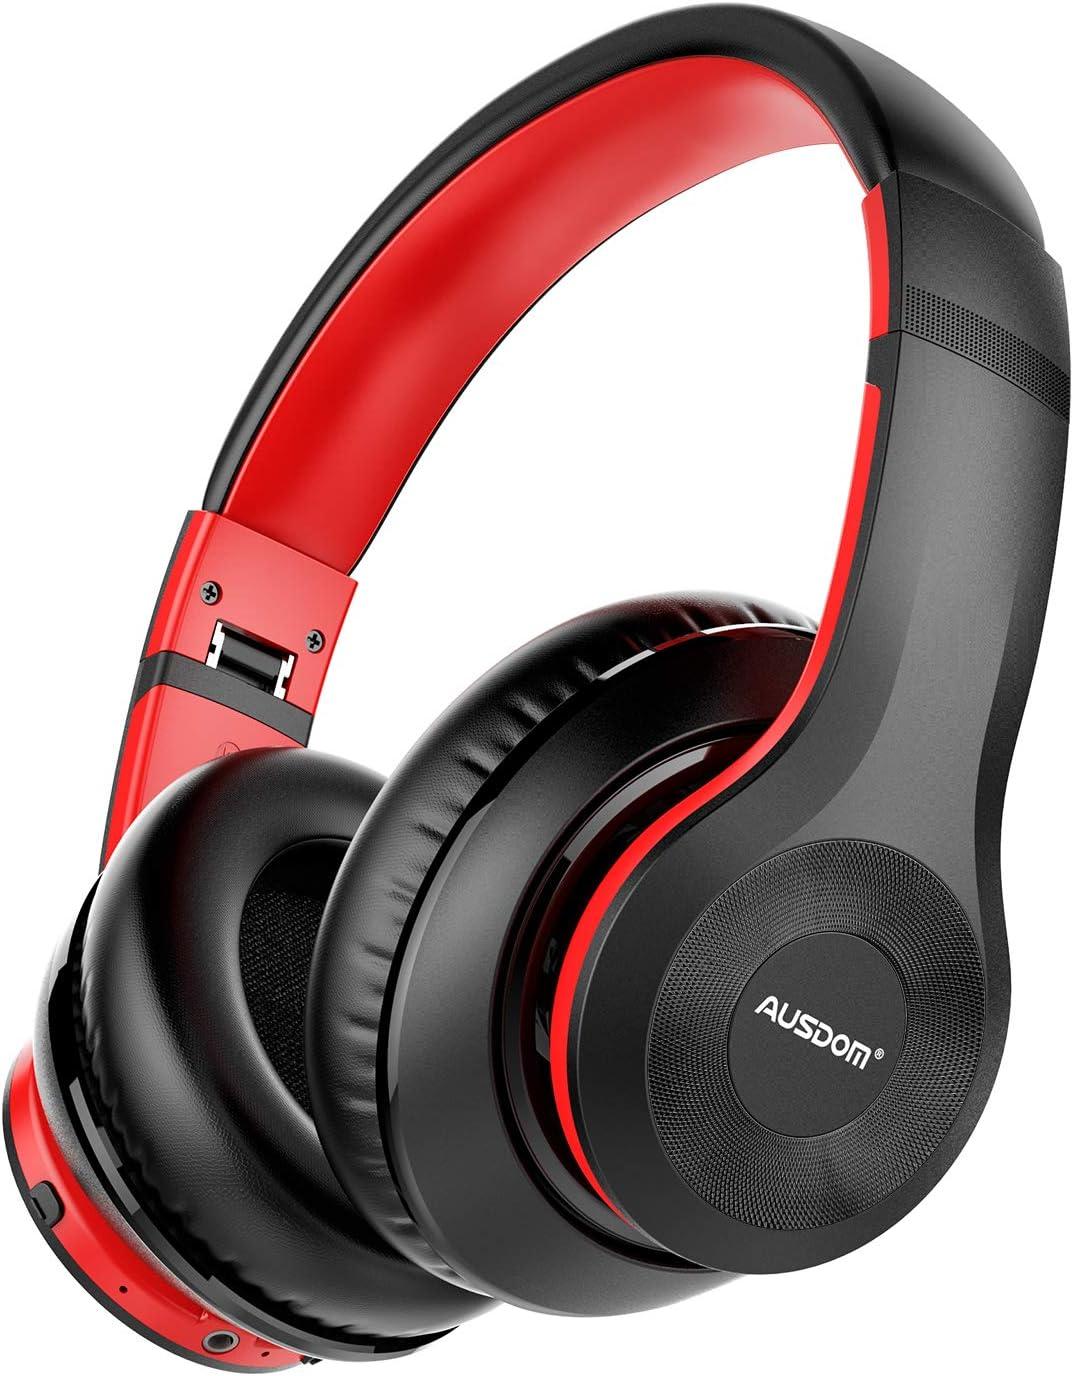 AUSDOM ANC10 Auriculares Bluetooth 5.0 con Cancelacón Activa de Ruido, Cascos Inalámbricos Bluetooth con Micrófono Hi-Fi Deep Bass,Cómodo Protein Earpads, para PC/Teléfonos/TV-Negro Rojo